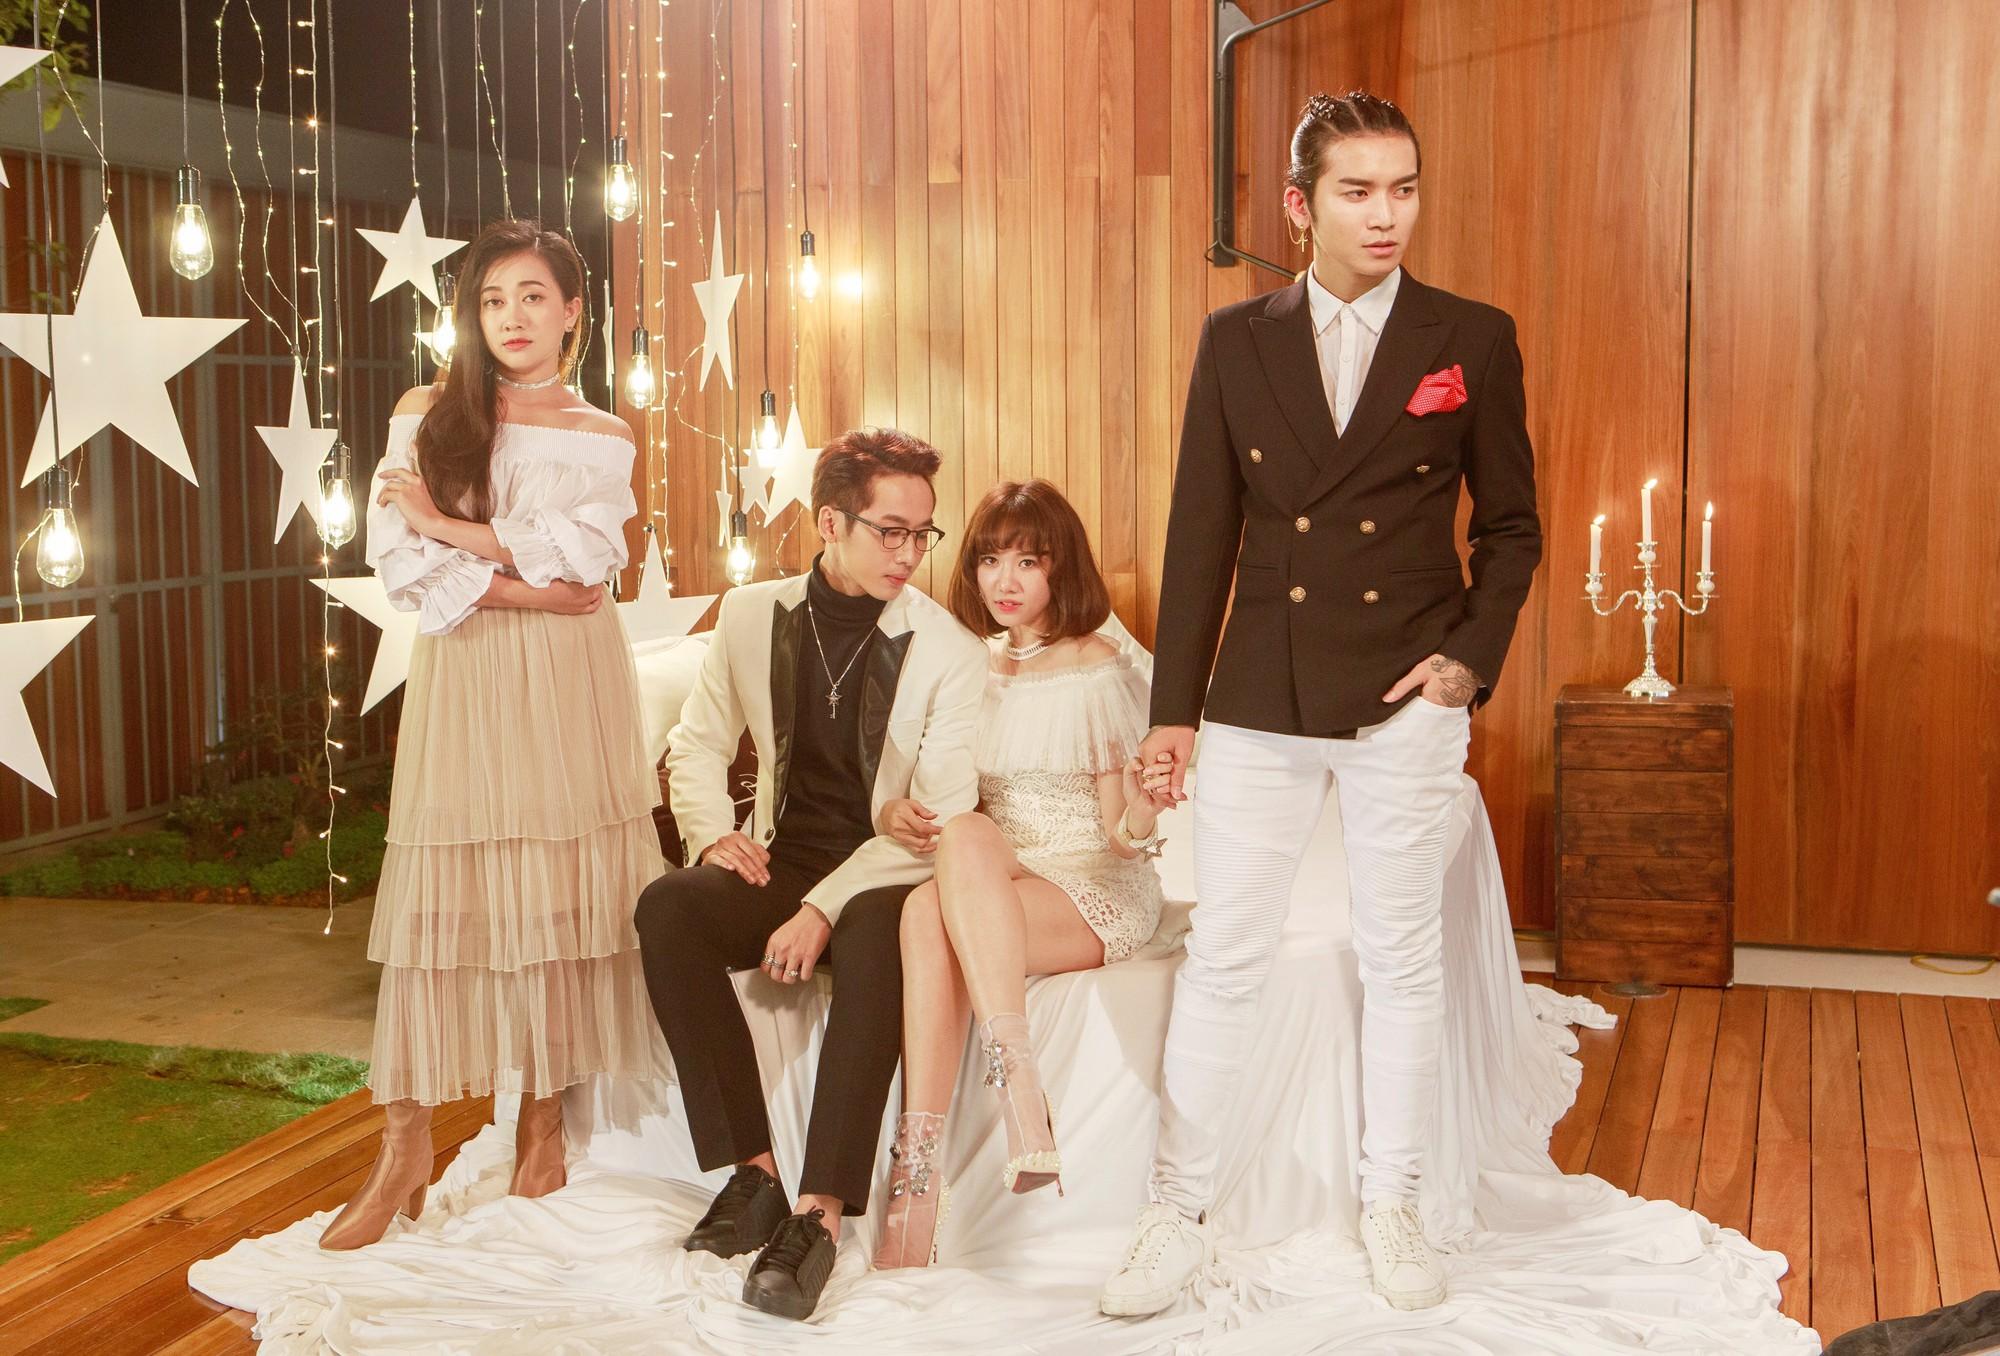 thiên ý, hariwon, hari won, trấn thành, chồng hari, bb trần, trailer, ra mắt trailer, tin8